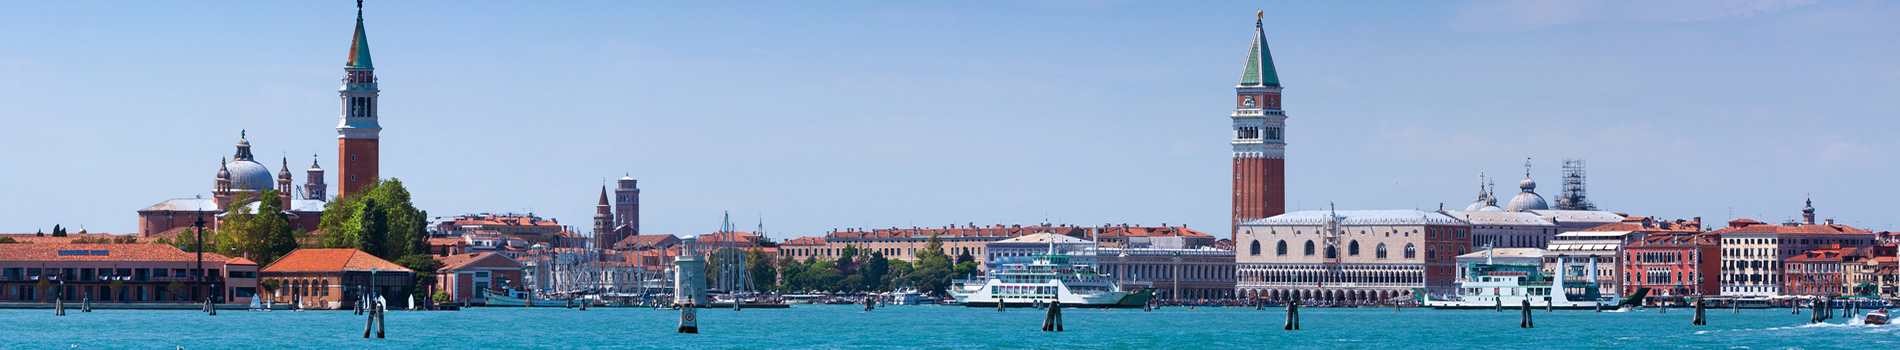 Offerte camere a venezia vicino stazione stanze in for Soggiorno a venezia